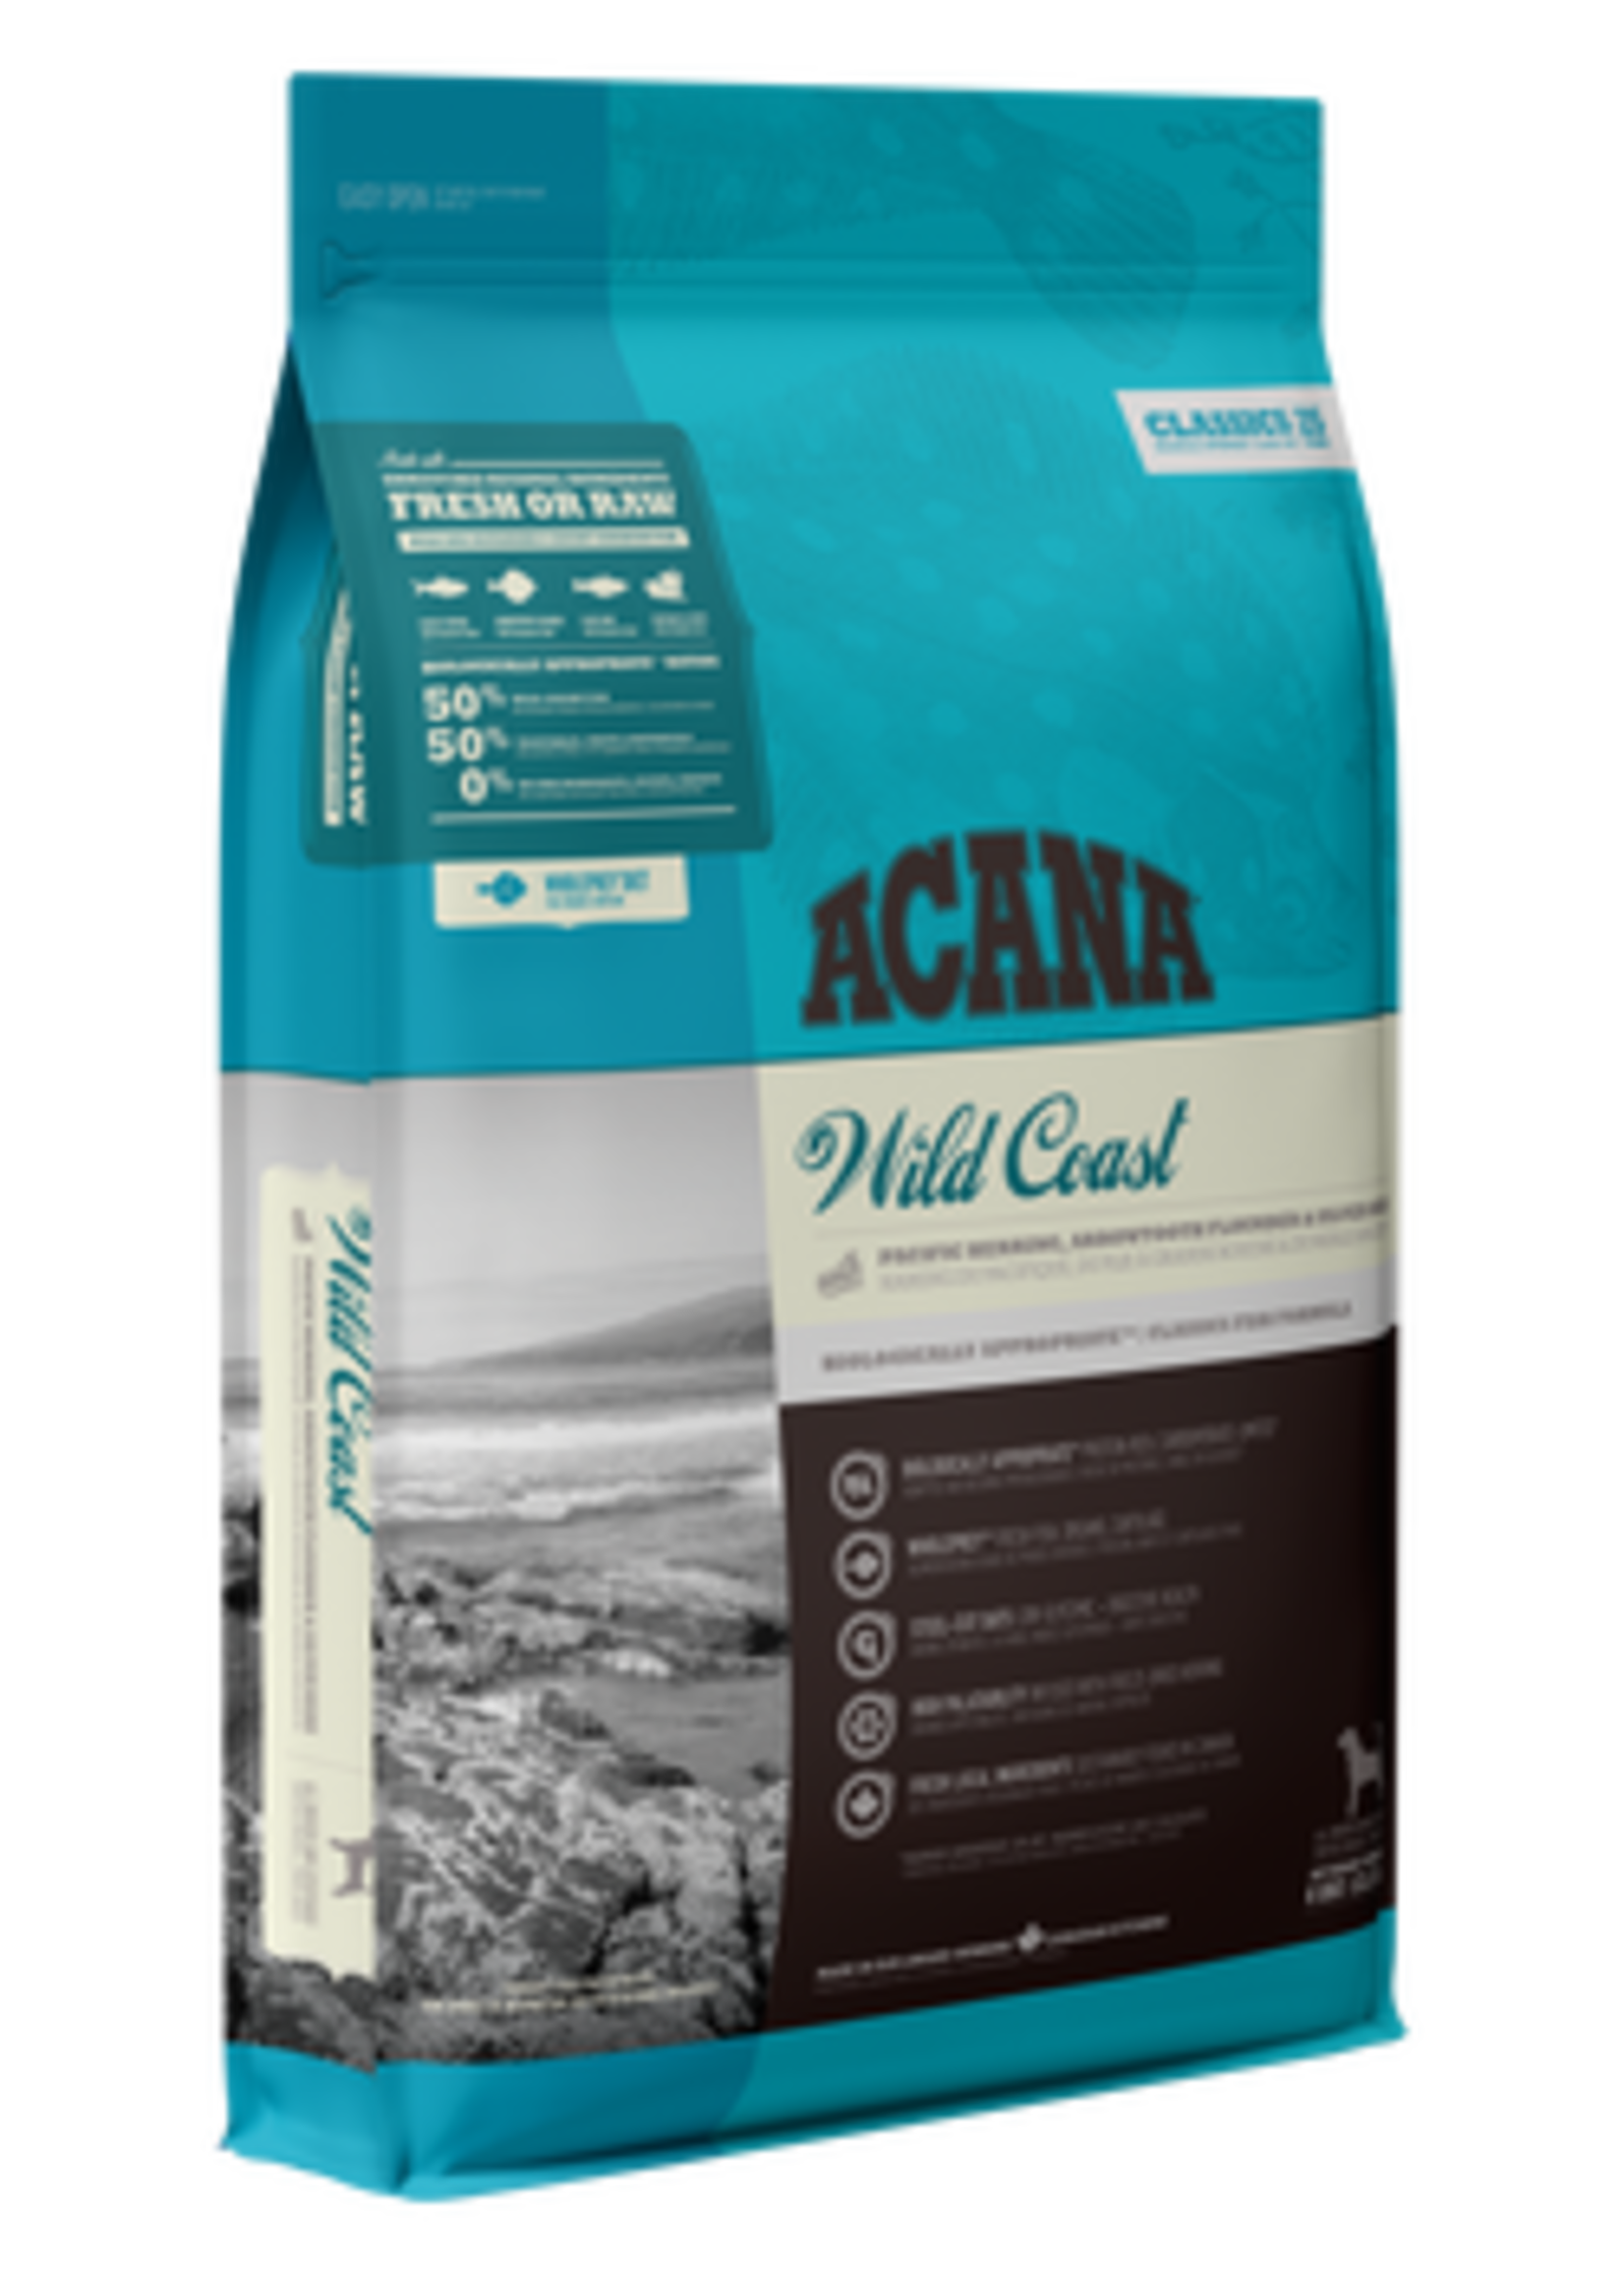 Acana® Acana Classics Wild Coast